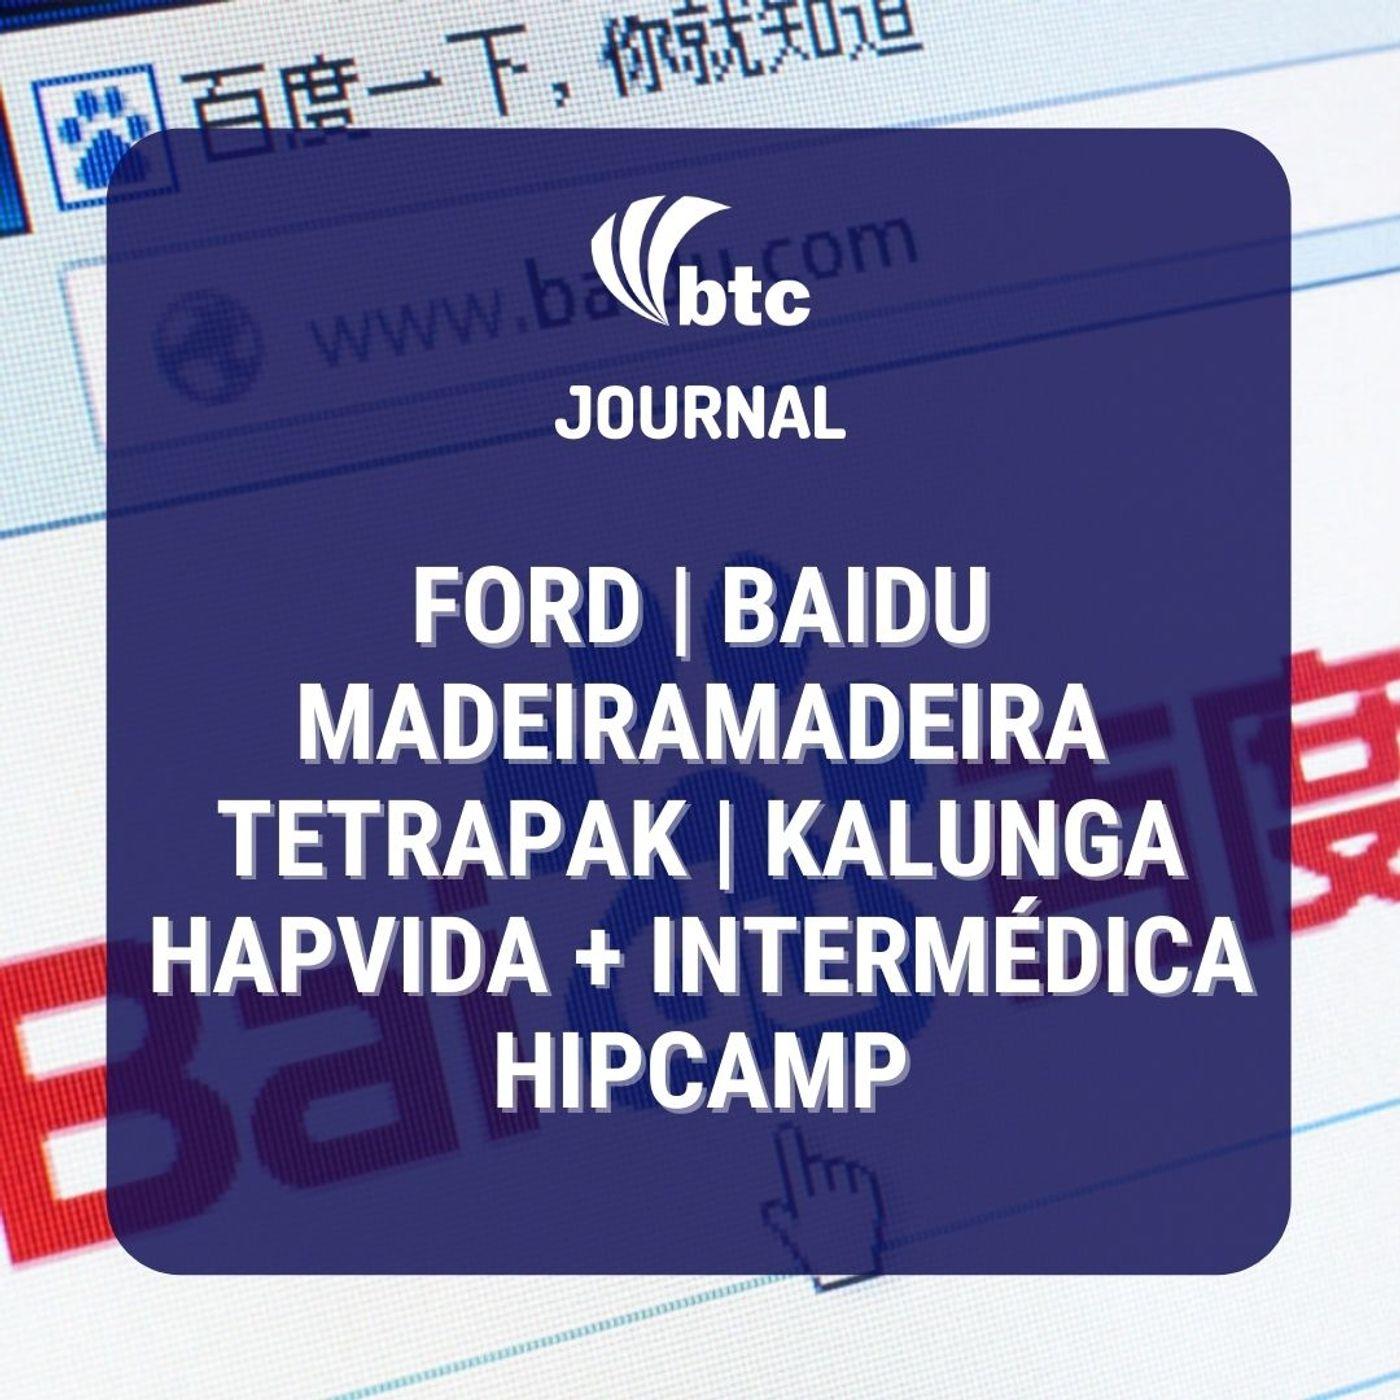 Ford, Baidu, MadeiraMadeira, TetraPak e Hapvida + Intermédica   BTC Journal 14/01/21